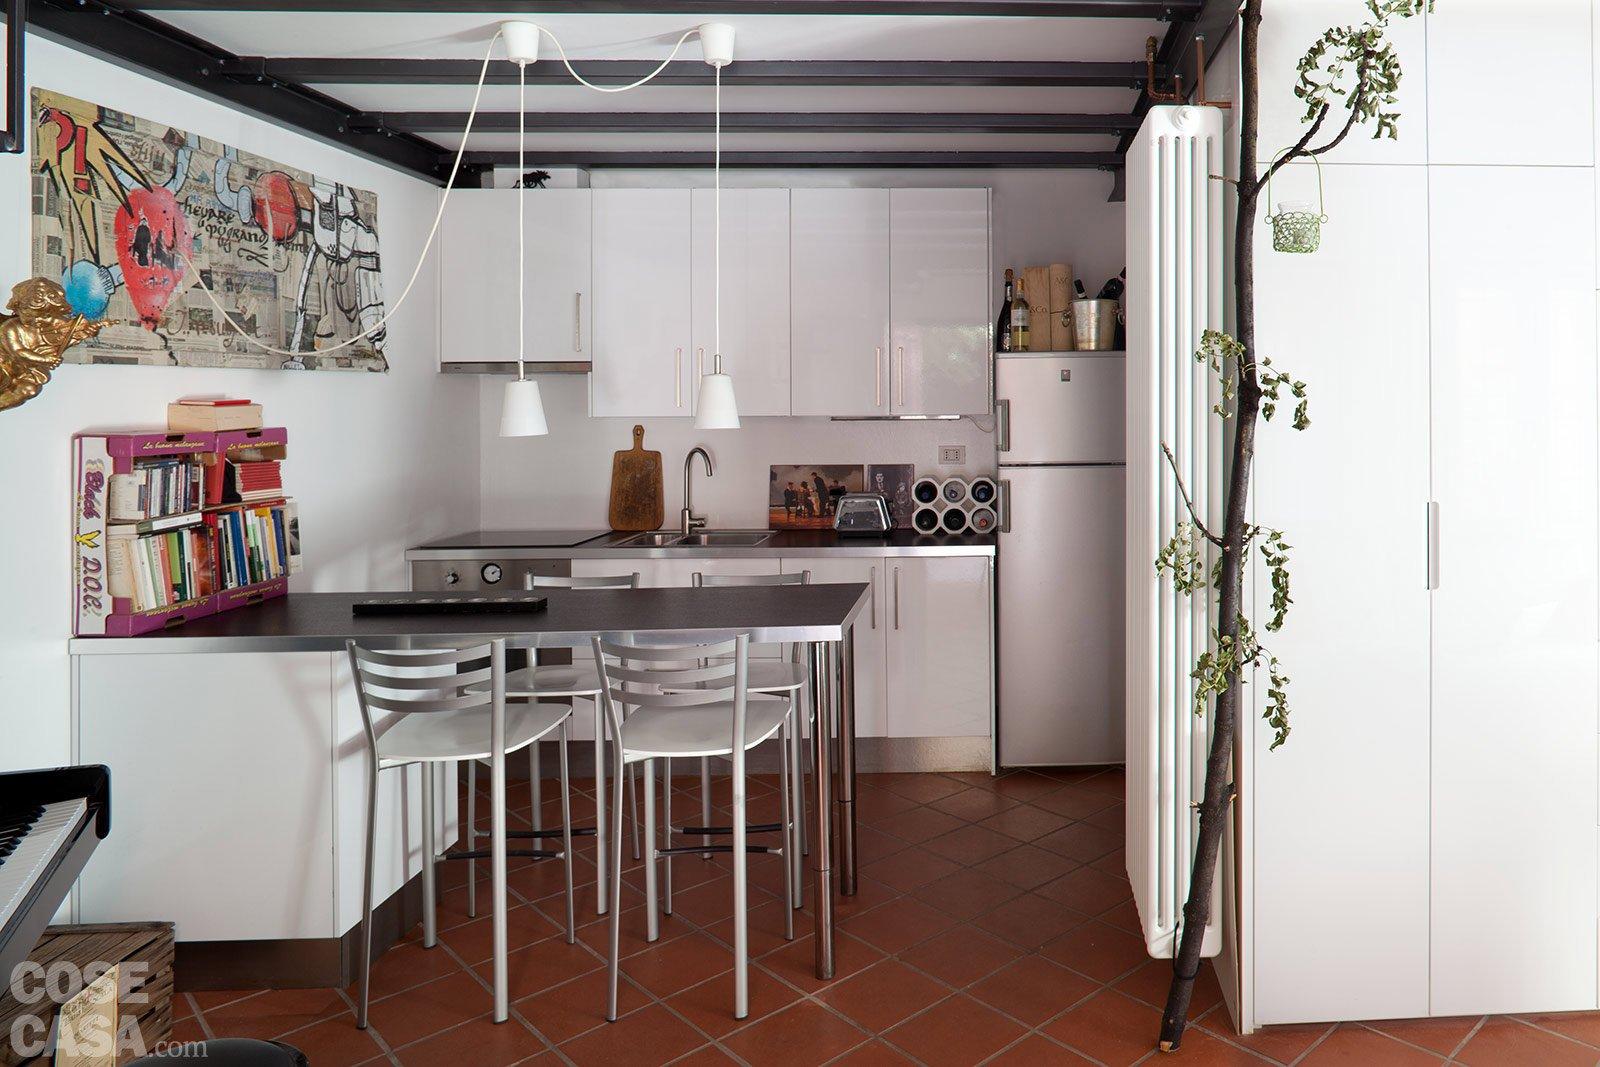 Da box a casa un incredibile trasformazione cose di casa for Arredare cucina piccola ikea